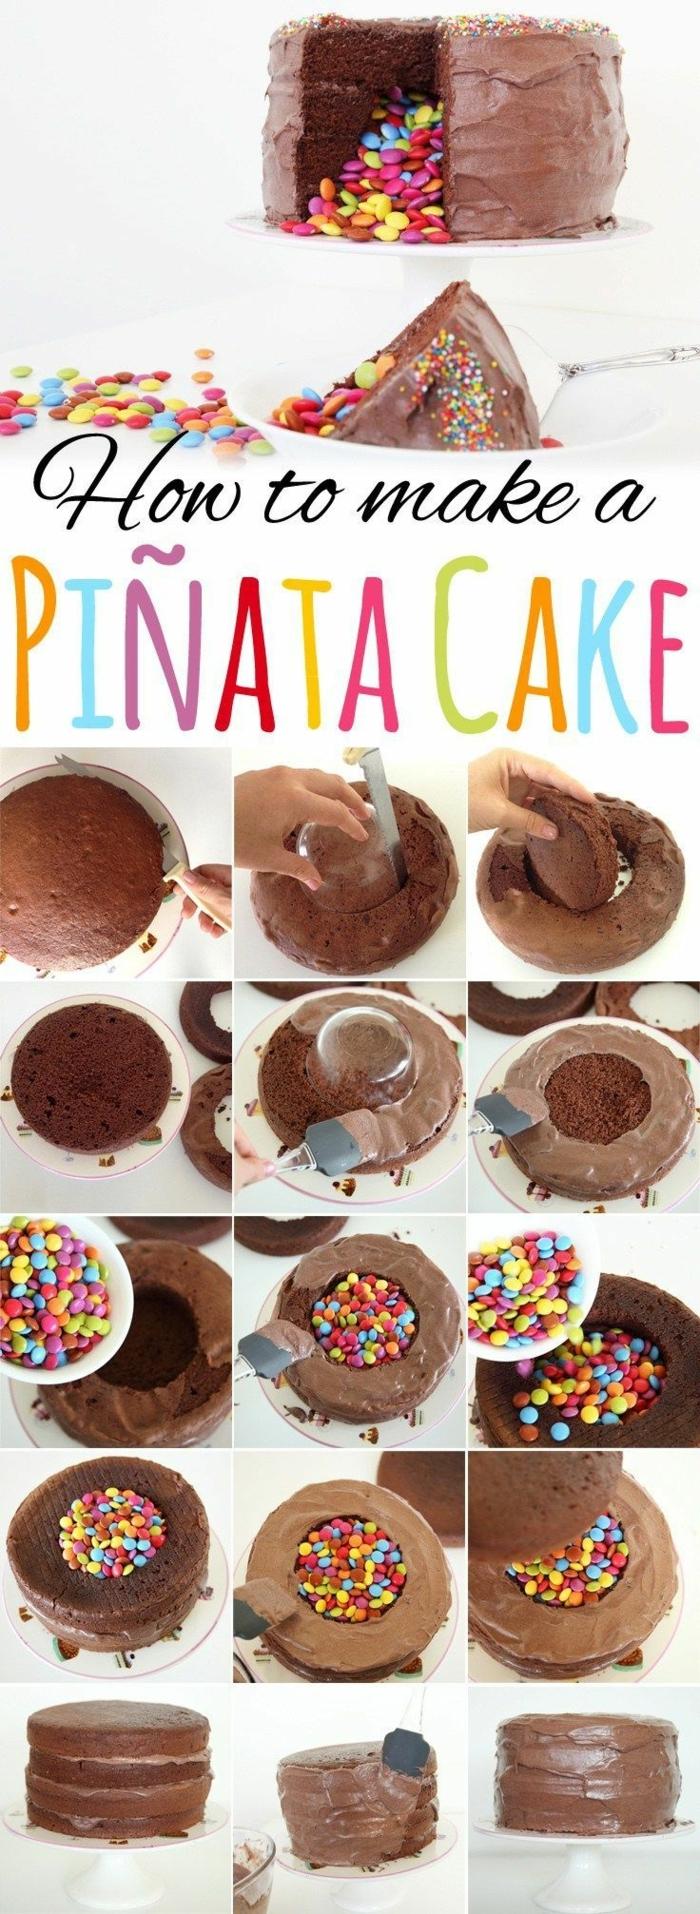 pinata kuchen diy anleitung schritt für schritt schokoladenkuchen gefüllt mit bonbnons geburtstagstorte selber machen